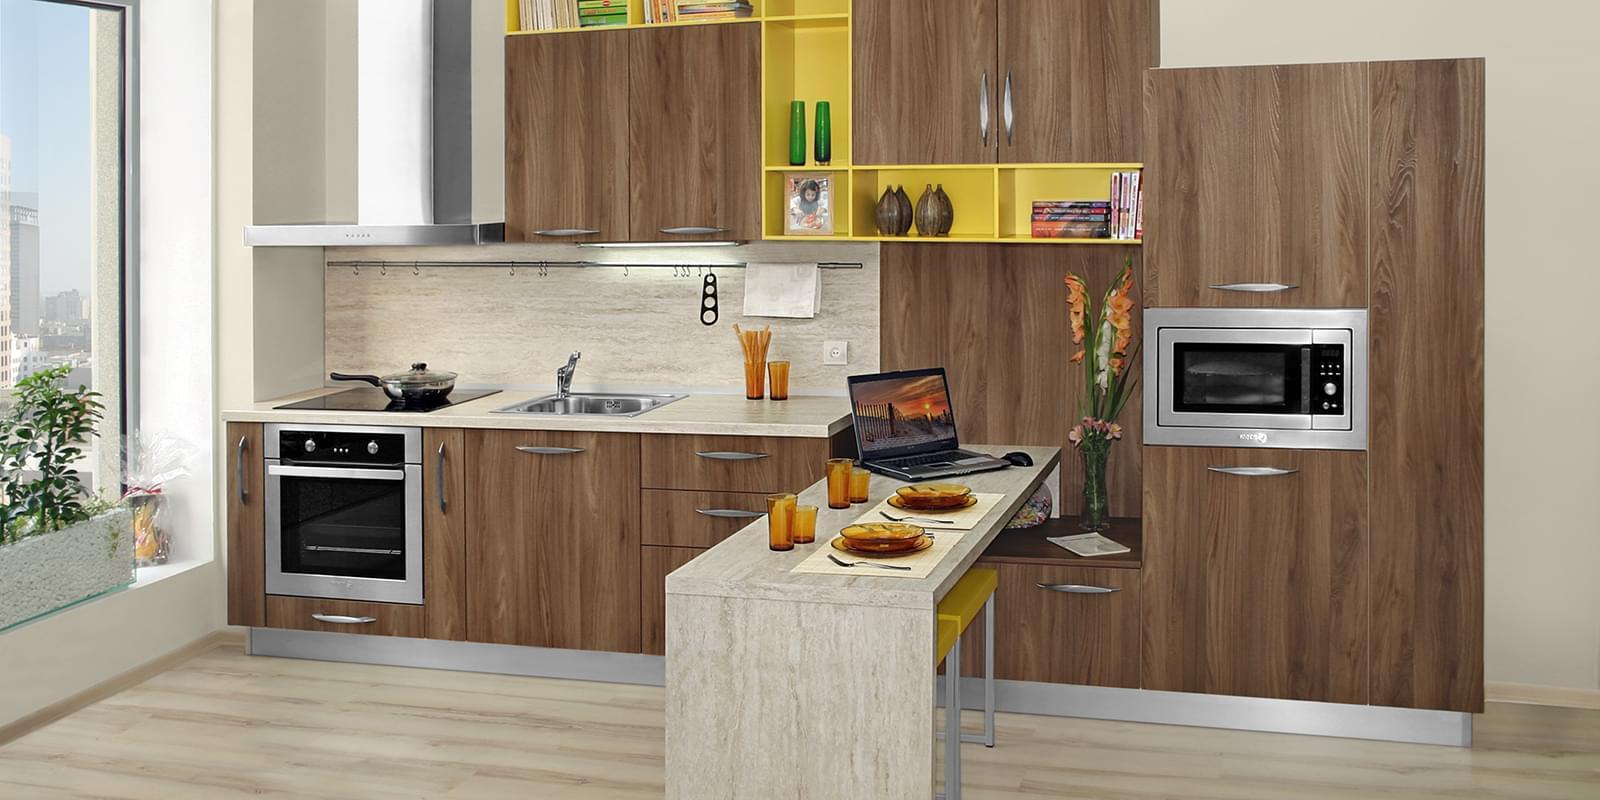 Großartig Küche Leuchtstofflampen Platten Bilder - Küchenschrank ...